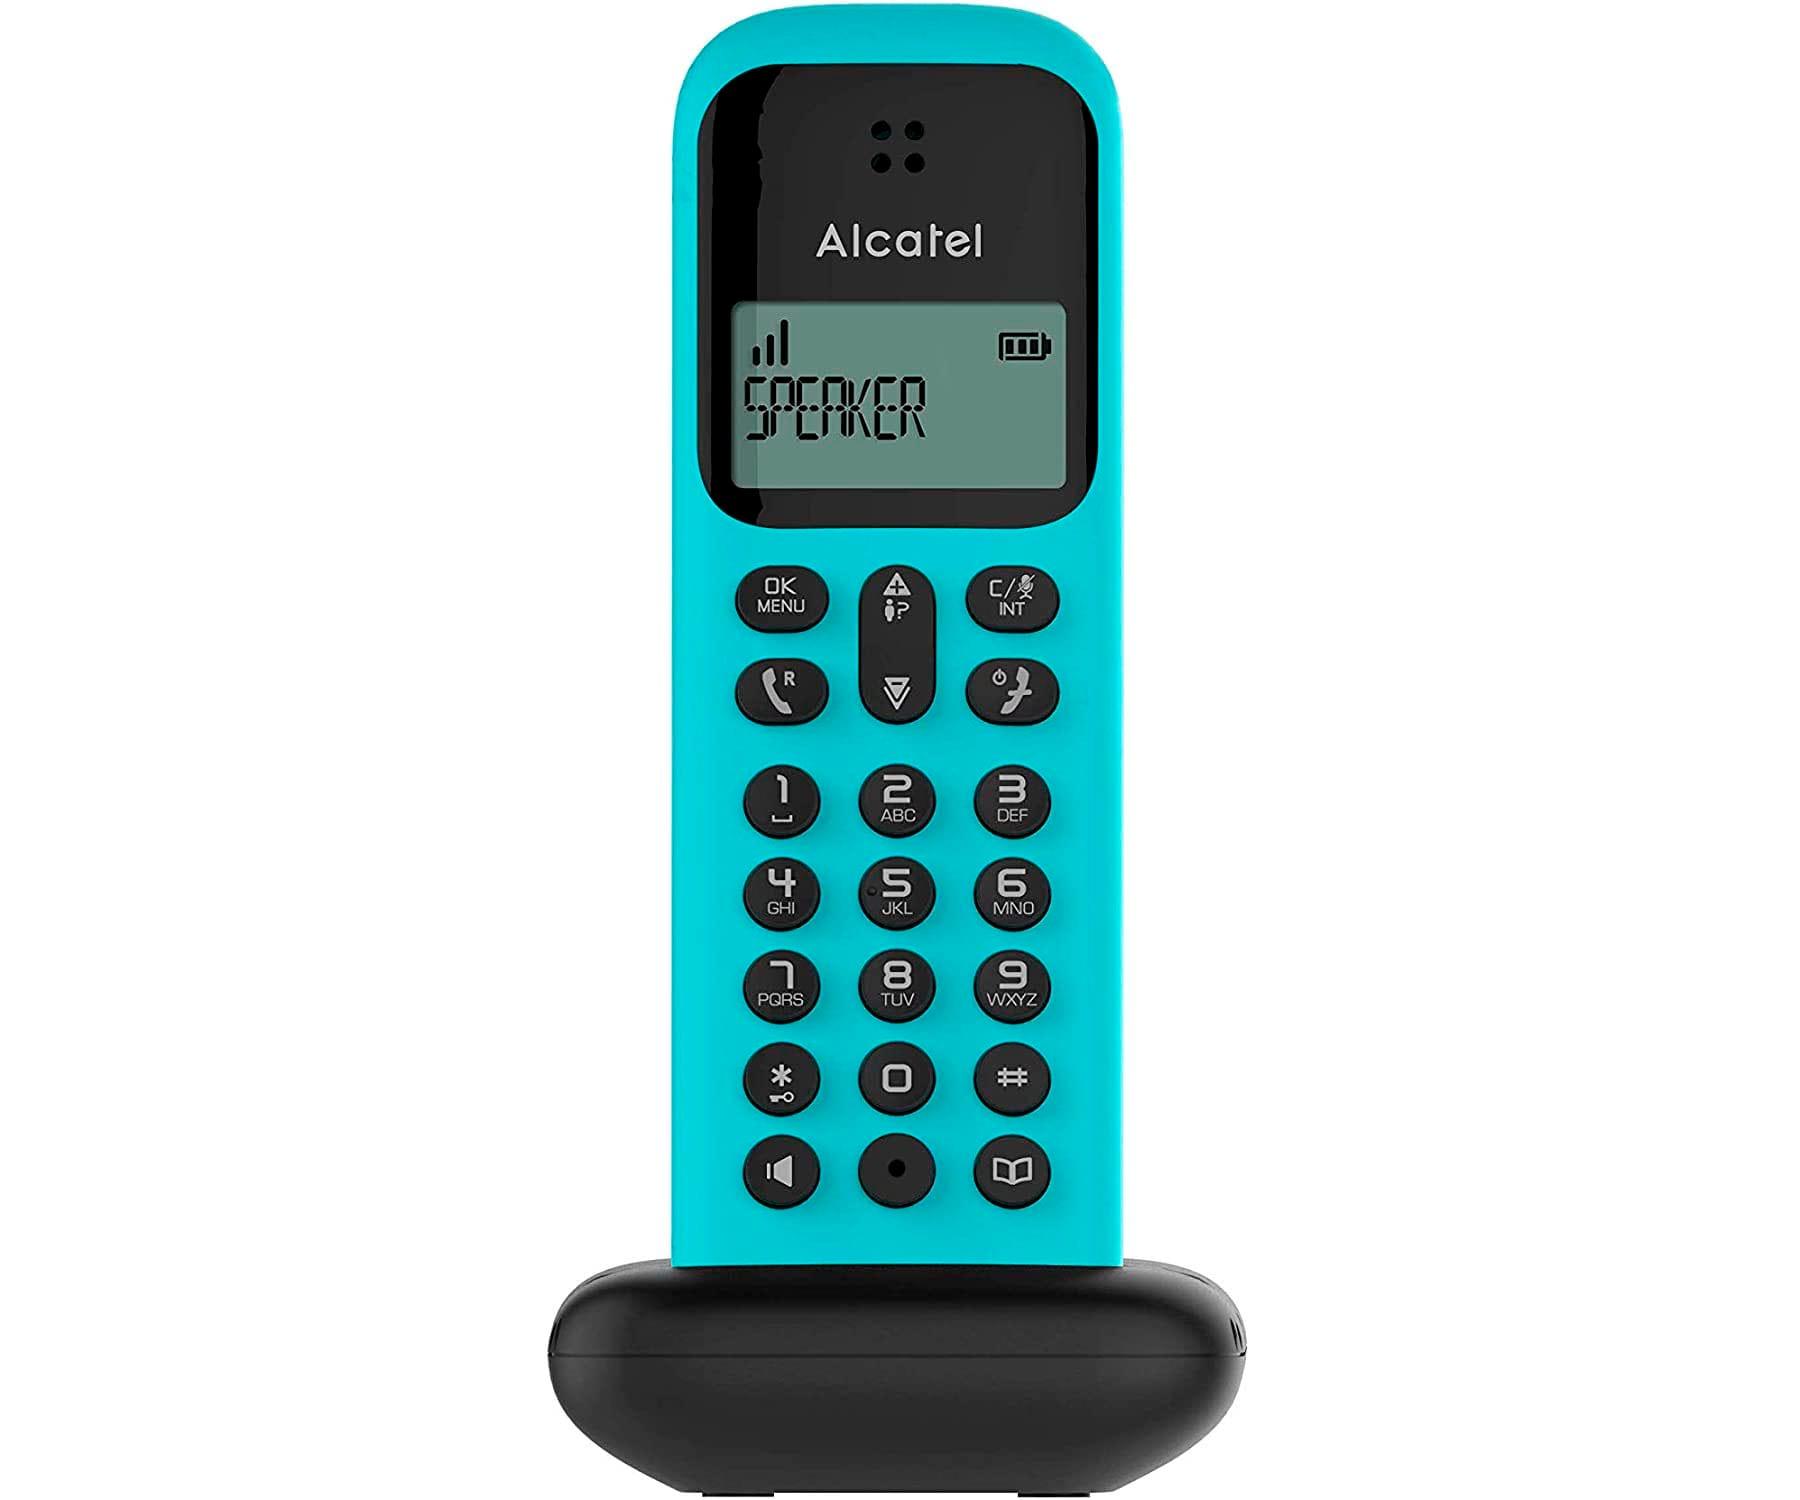 ALCATEL D285 TURQUESA TELÉFONO FIJO INALÁMBRICO PANTALLA SENCILLO Y ELEGANTE